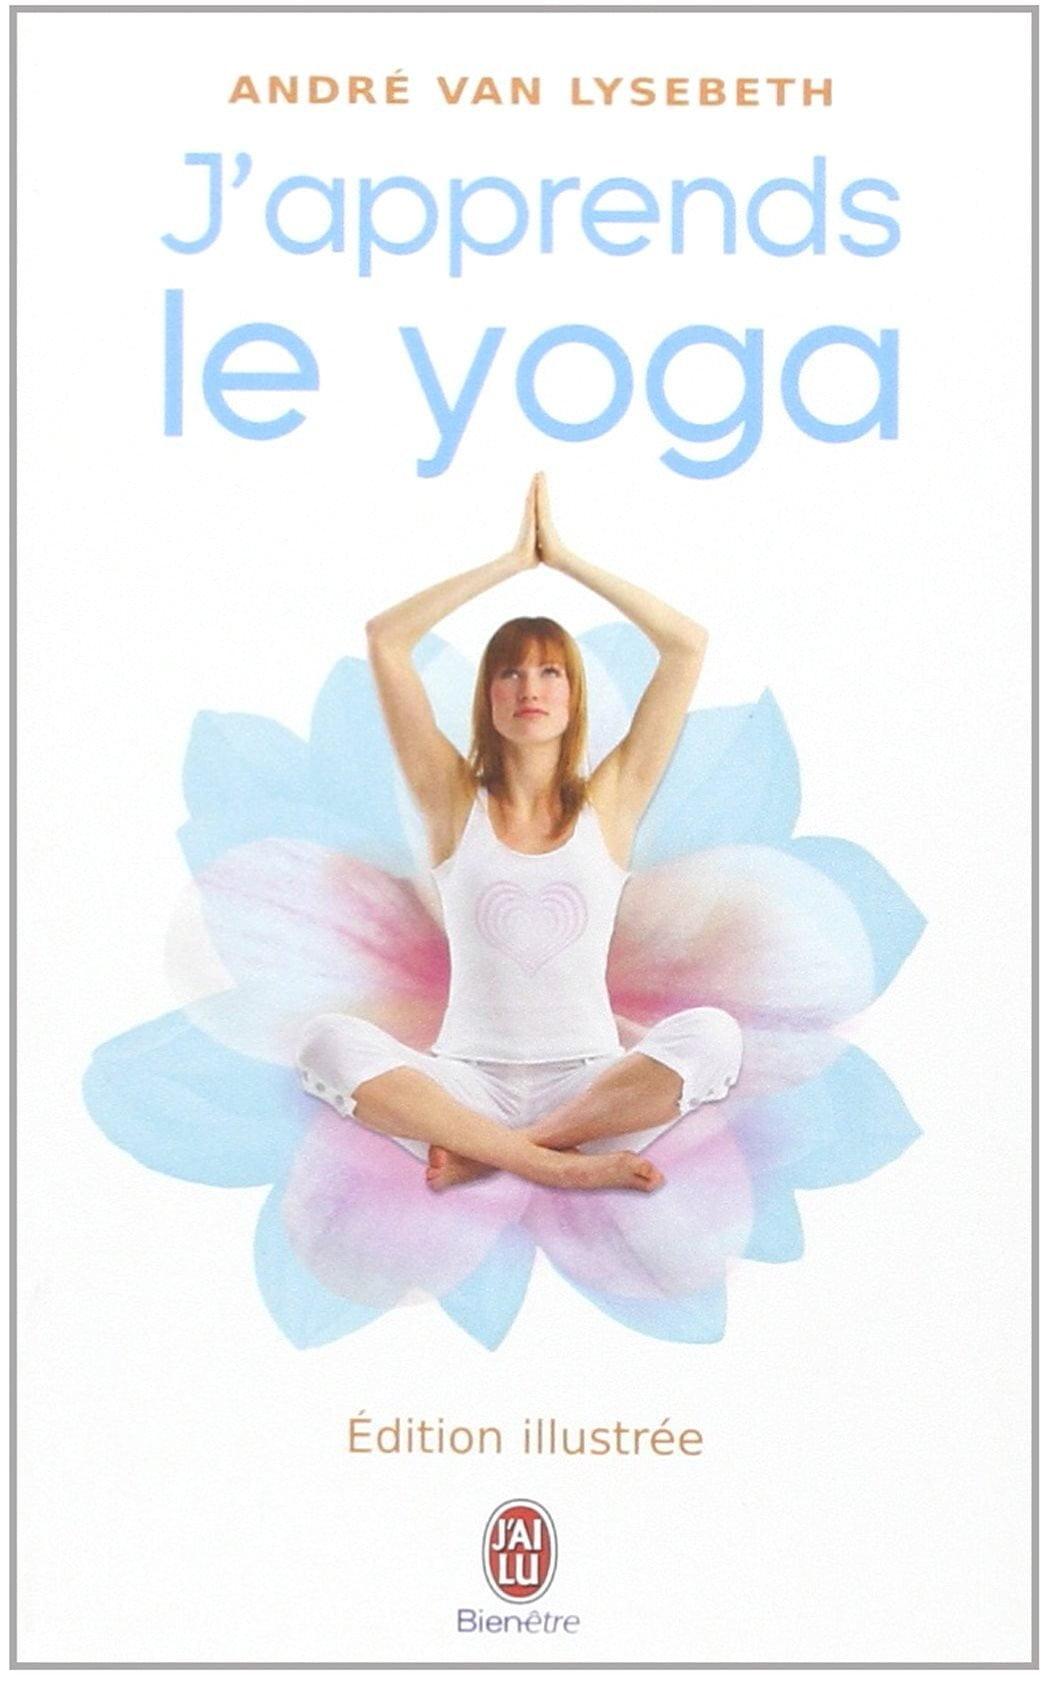 j'apprend le yoga